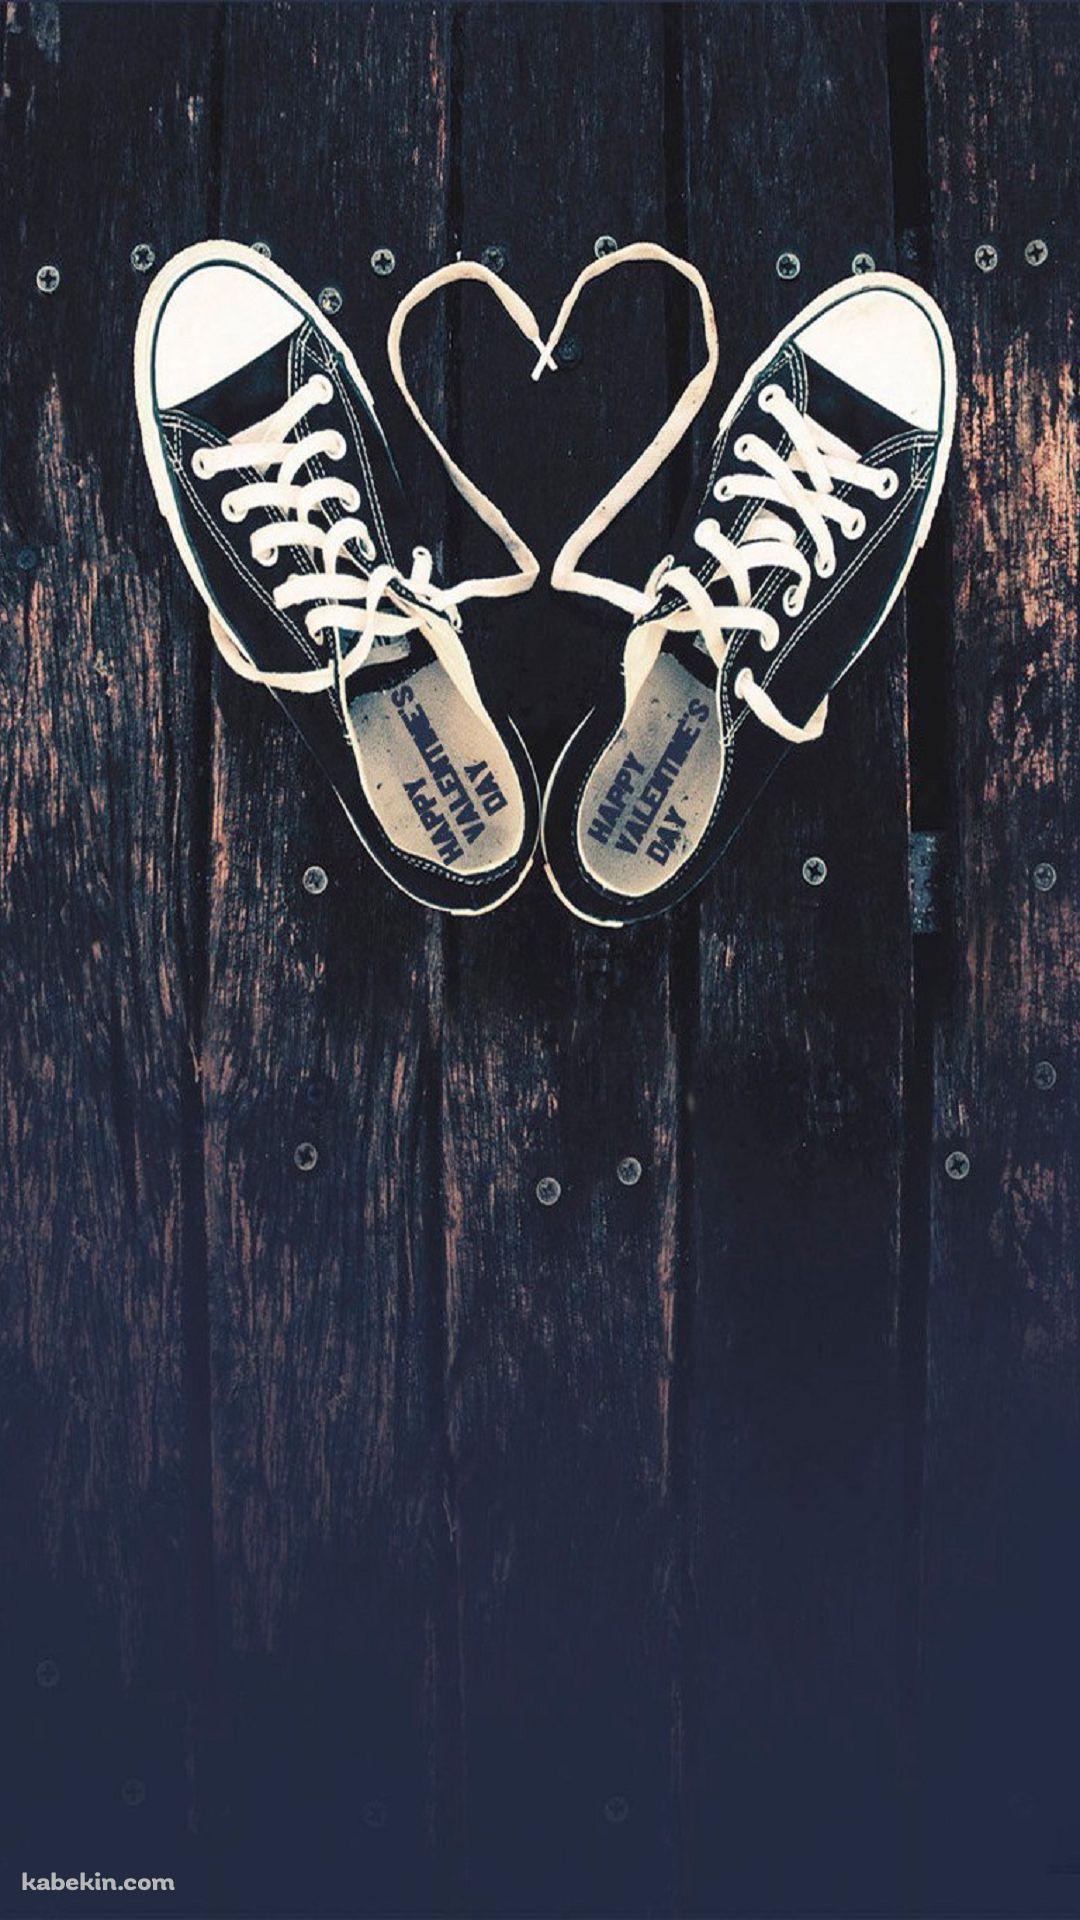 靴のハート型の紐のandroid壁紙 1080 X 19 壁紙キングダム スマホ版